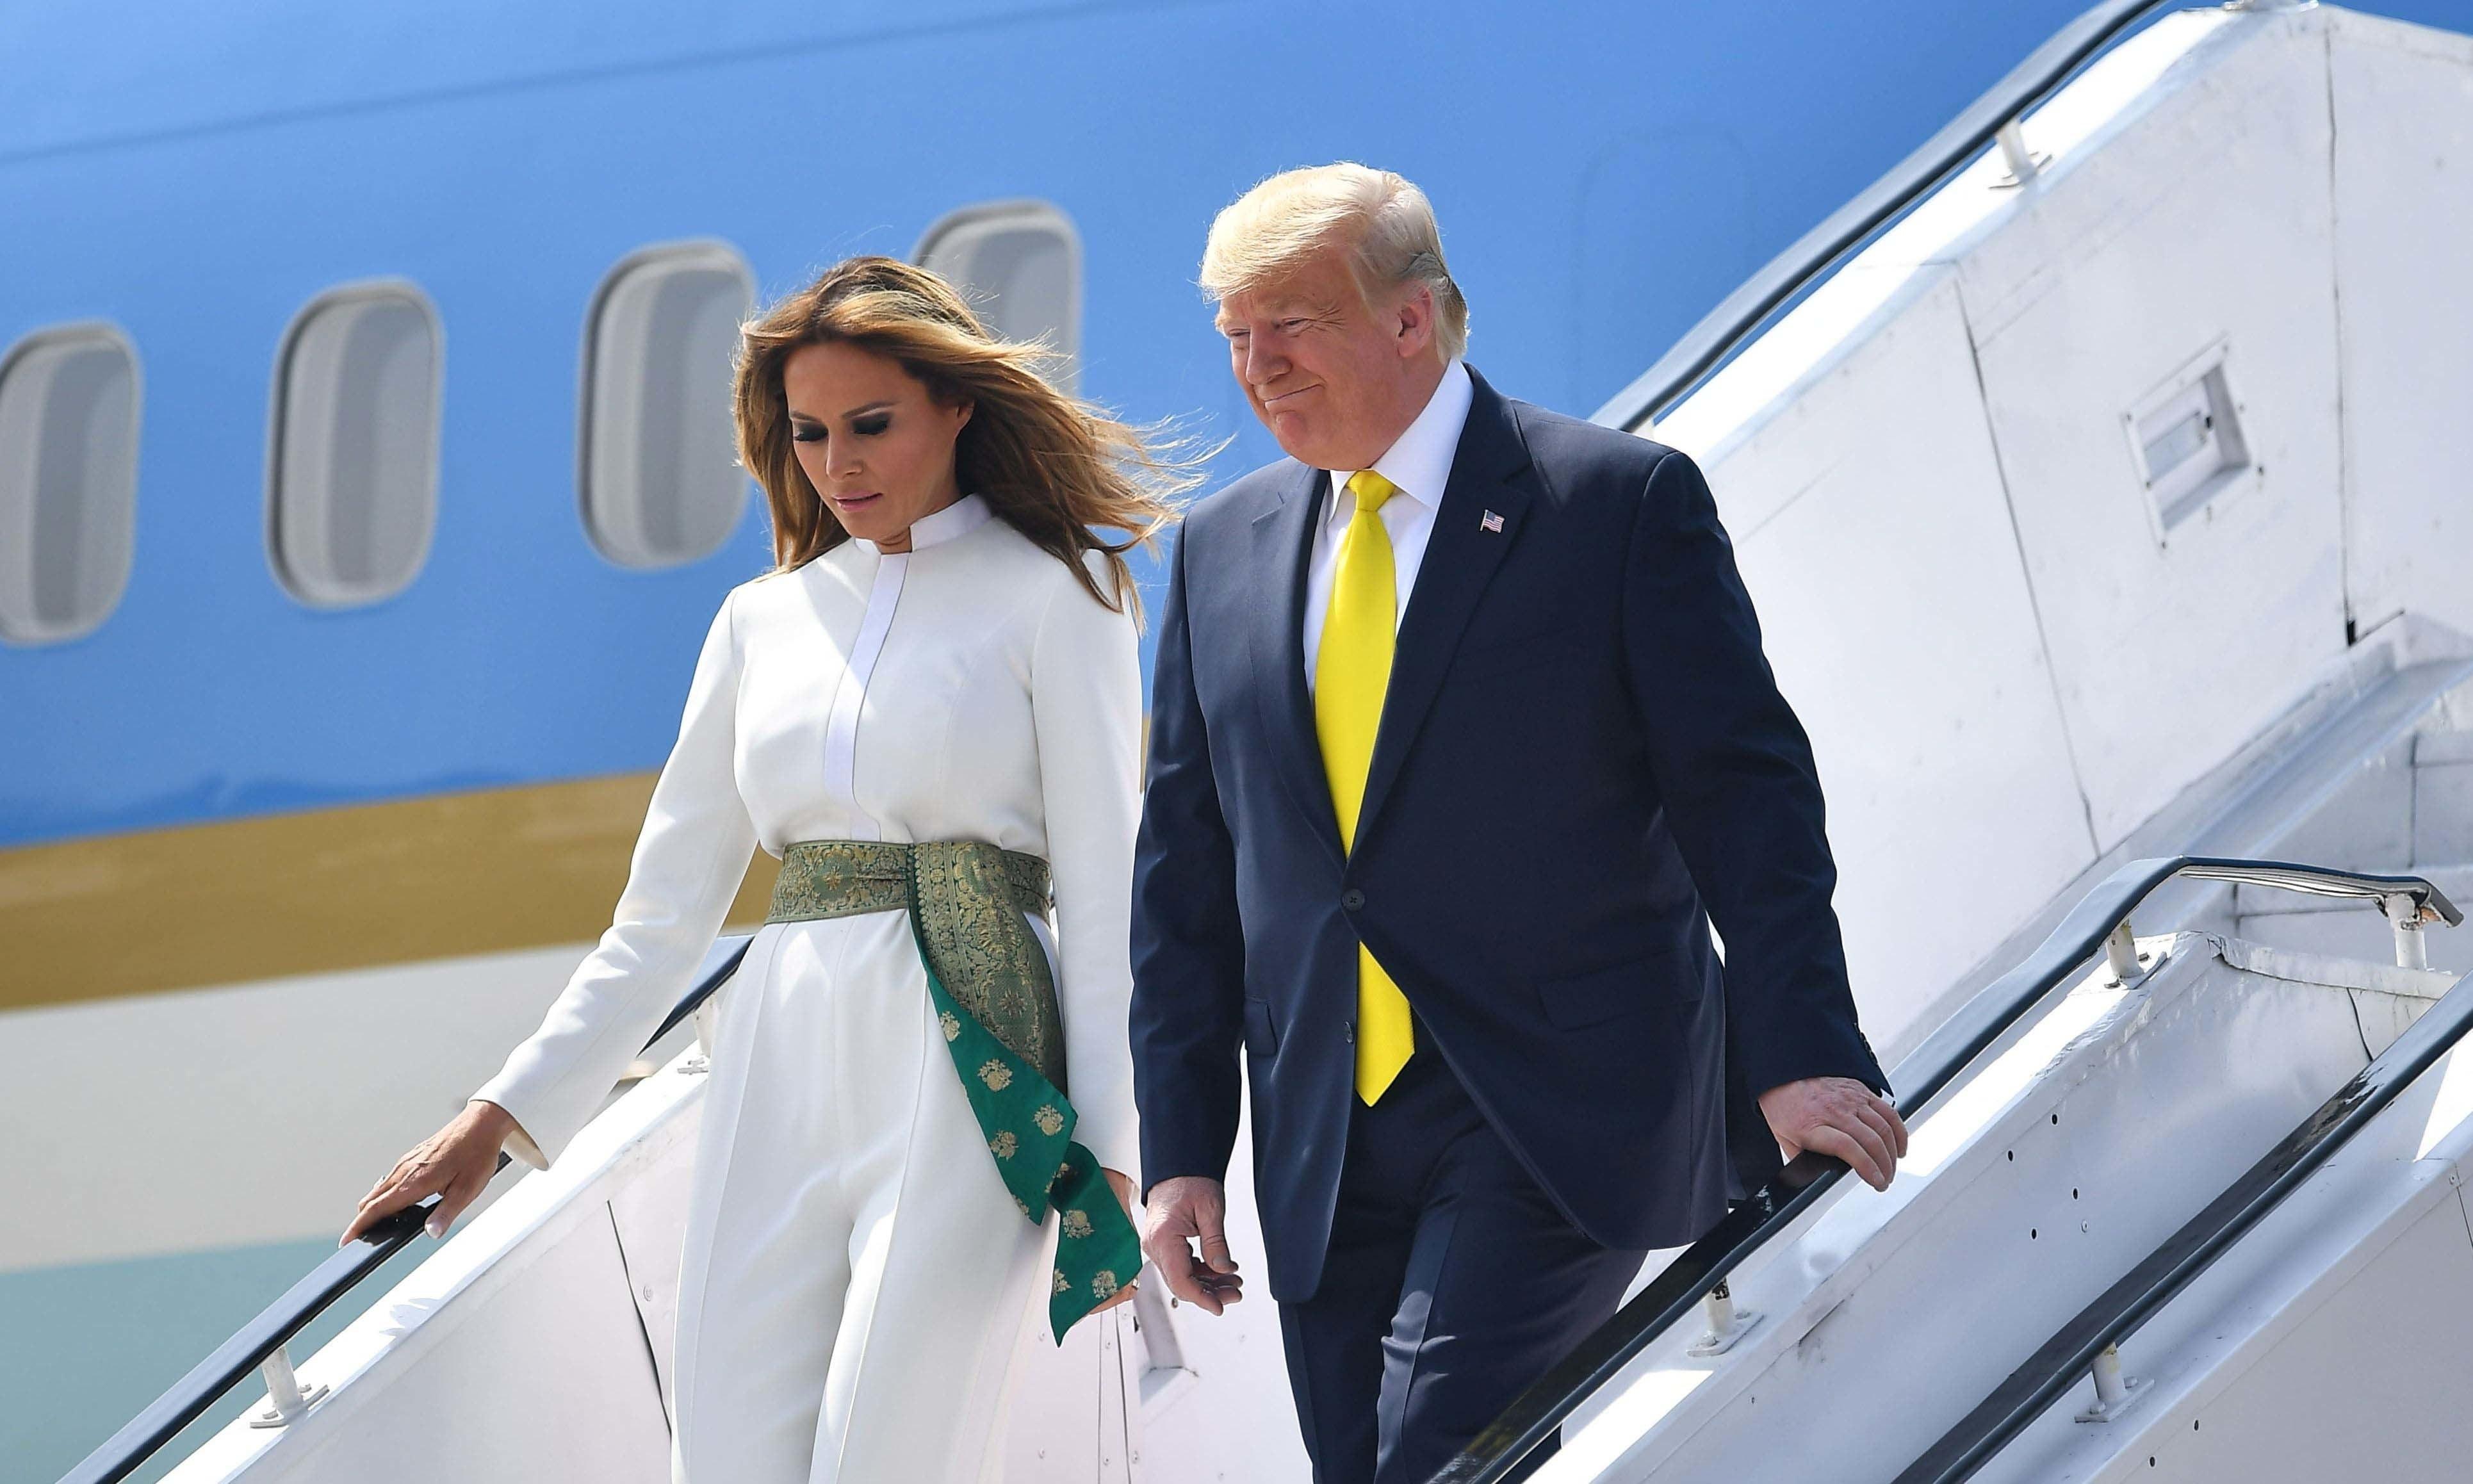 Bà Melania Trump khí chất ngút ngàn khi diện jumpsuit trắng nhưng ý nghĩa thú vị sau đó mới càng khiến dân tình trầm trồ - Ảnh 1.